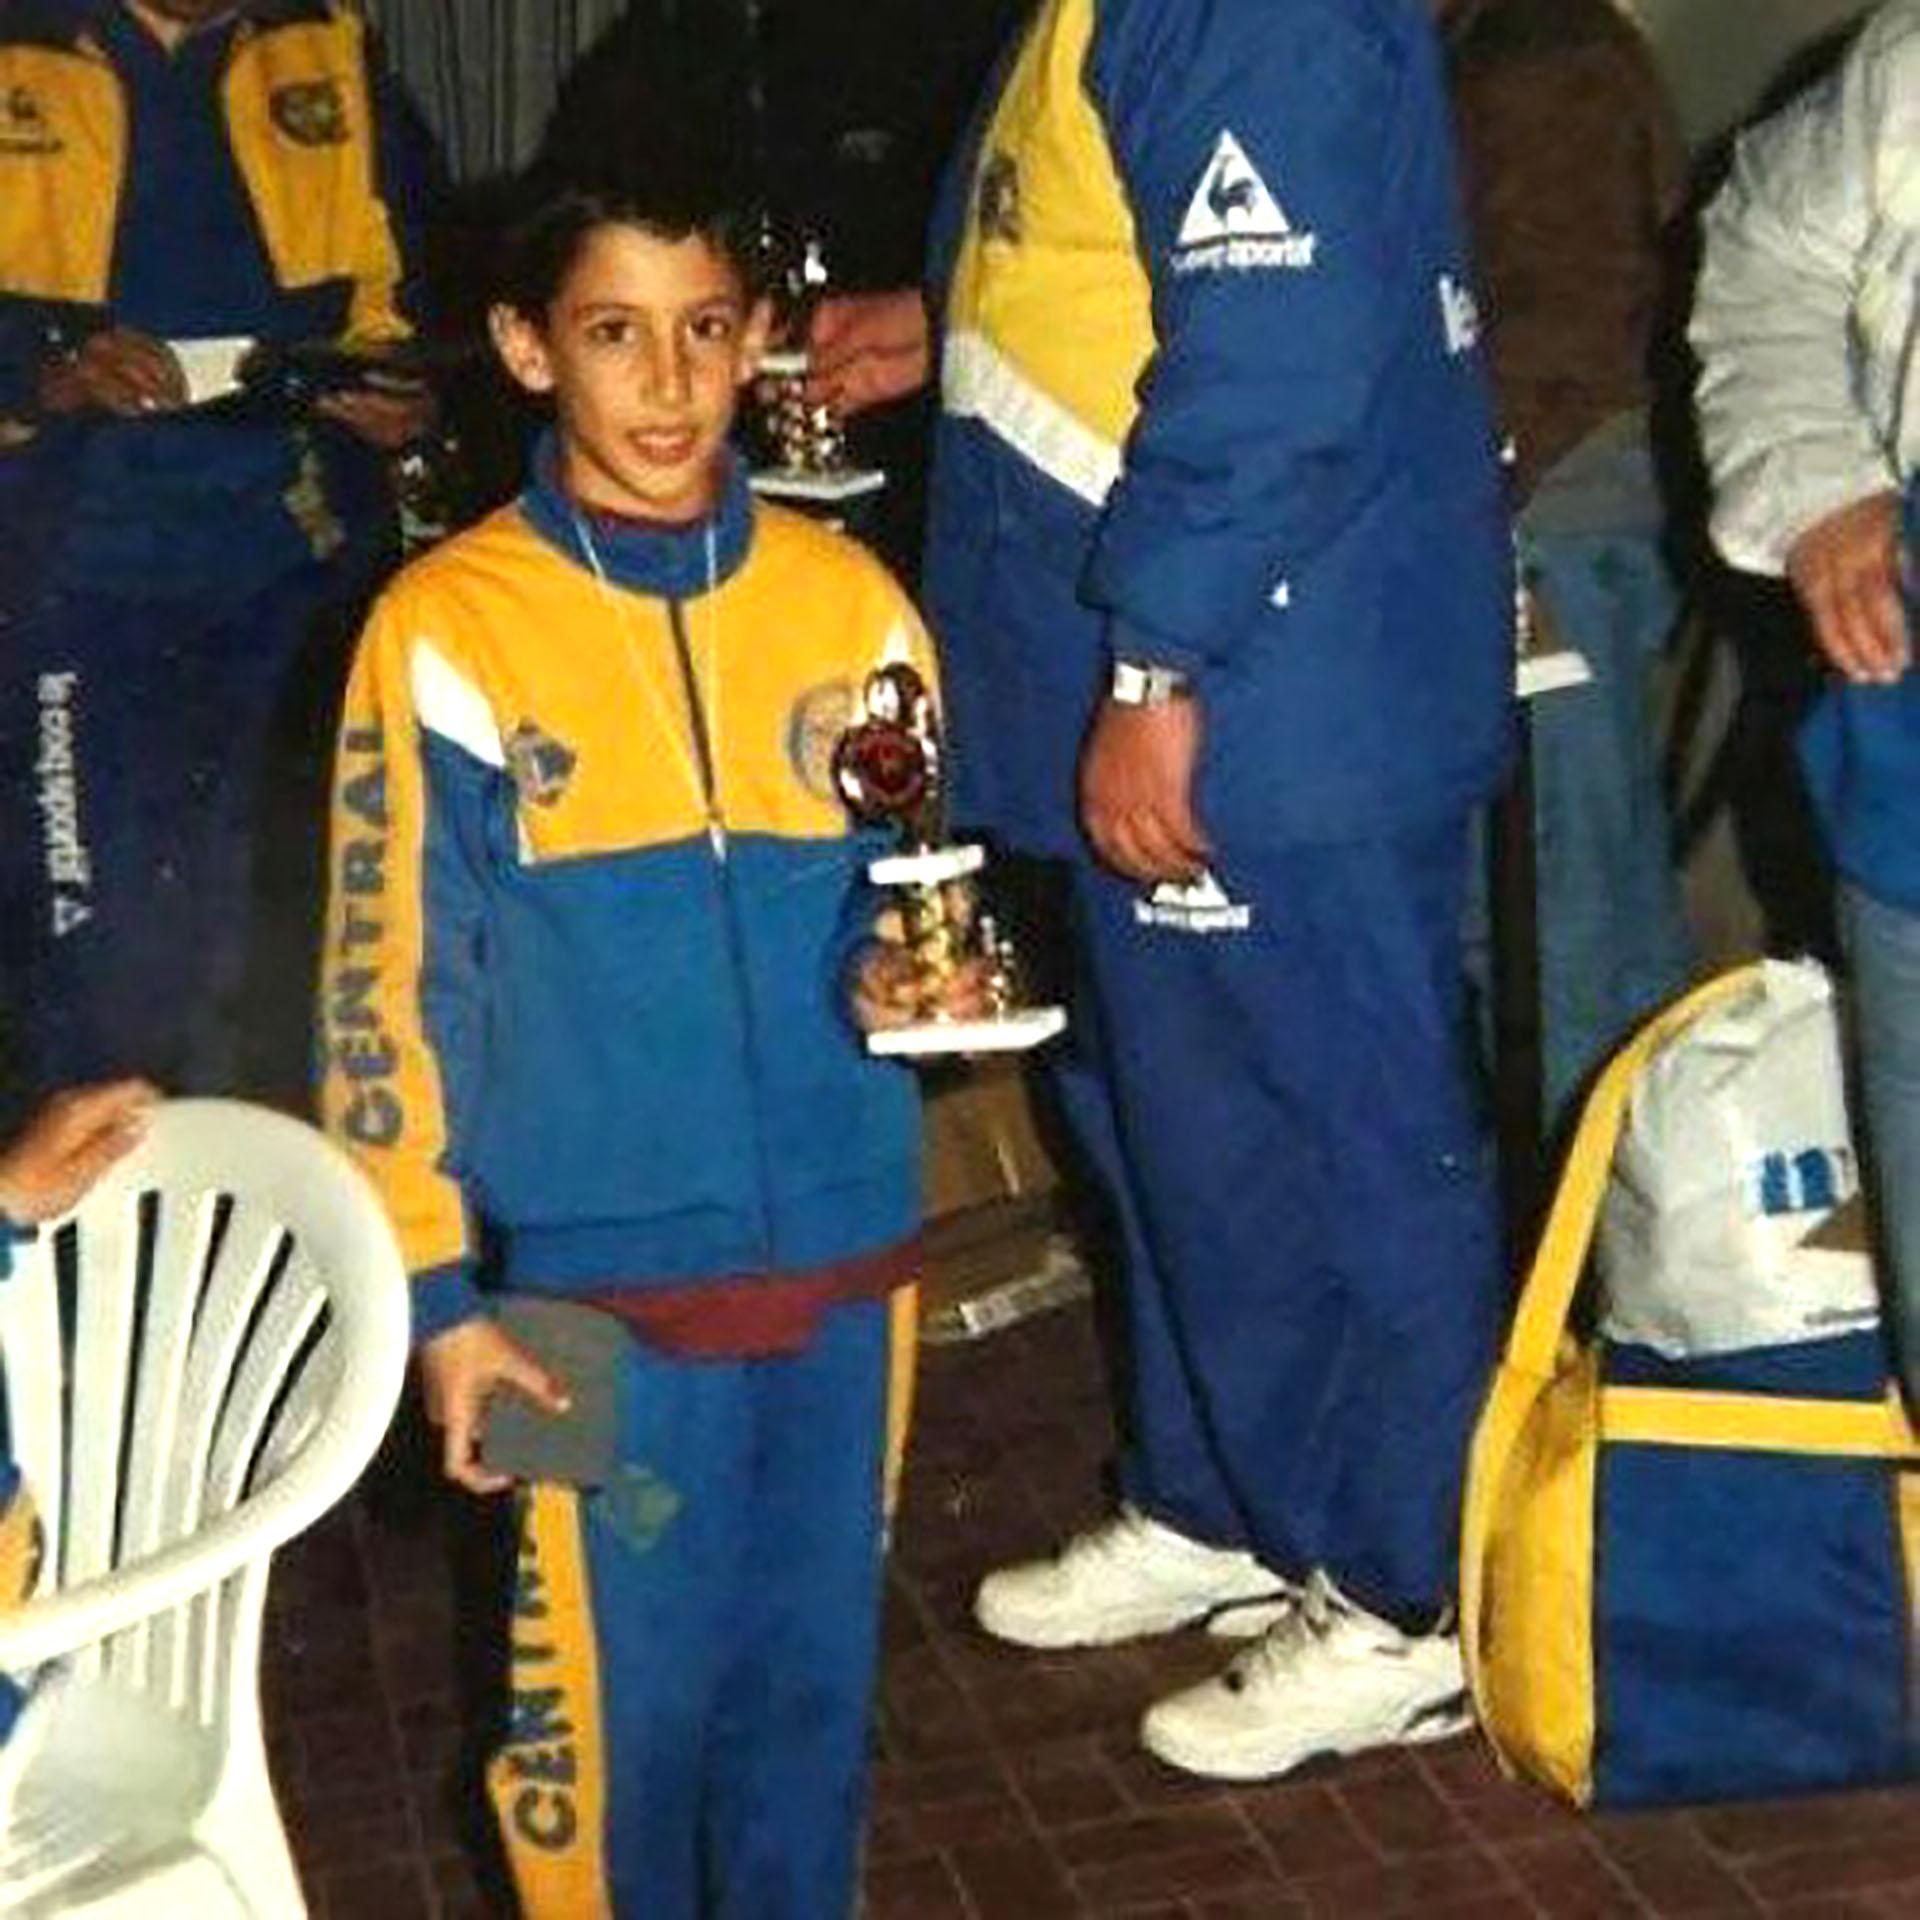 Otro con premio en mano: Ángel Di María en Rosario Central